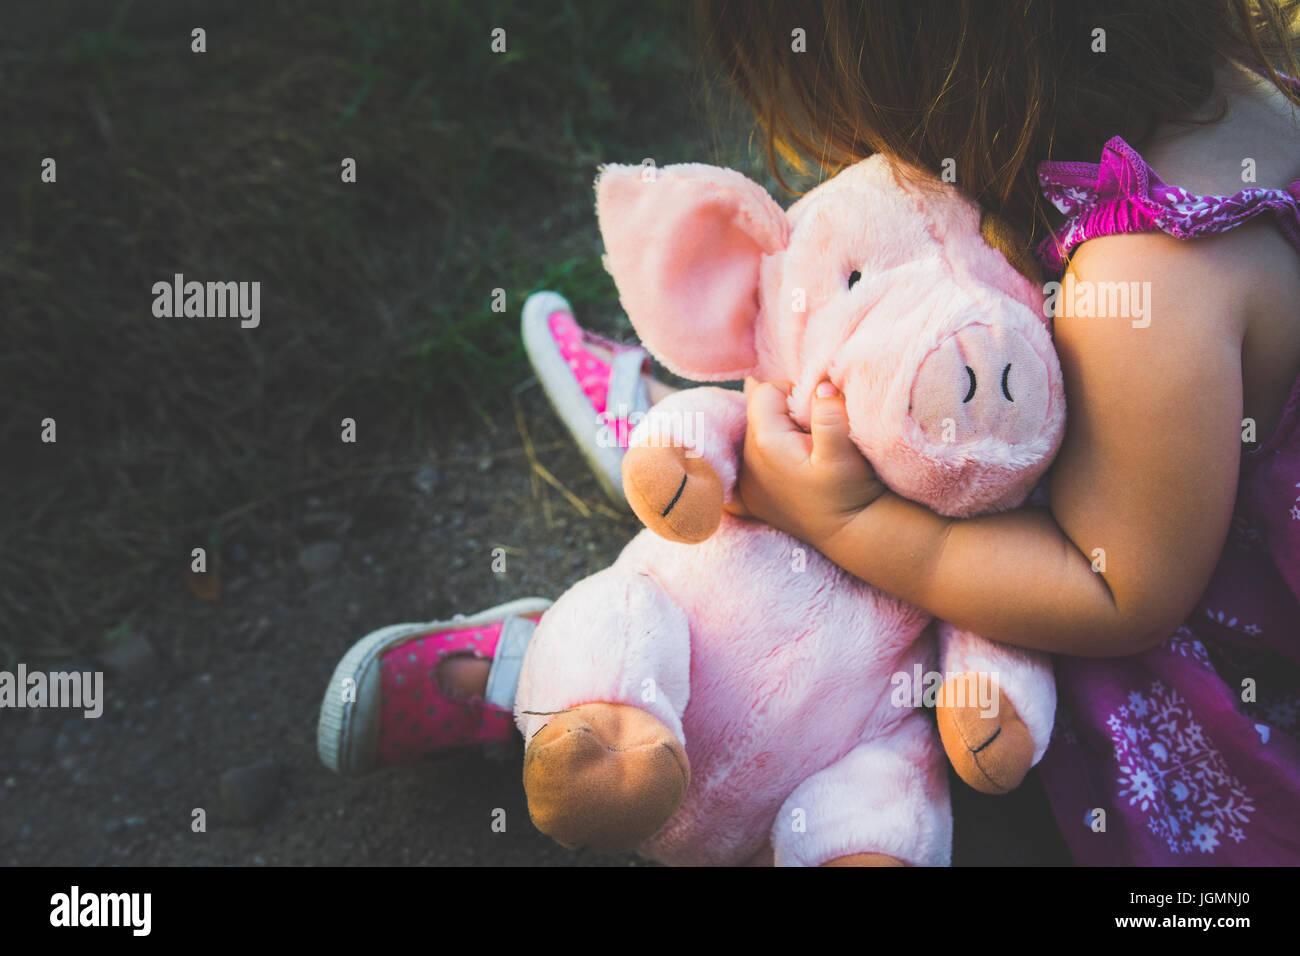 Ein junges weibliches Kind hält ein rosa gefüllte Schwein. Stockbild